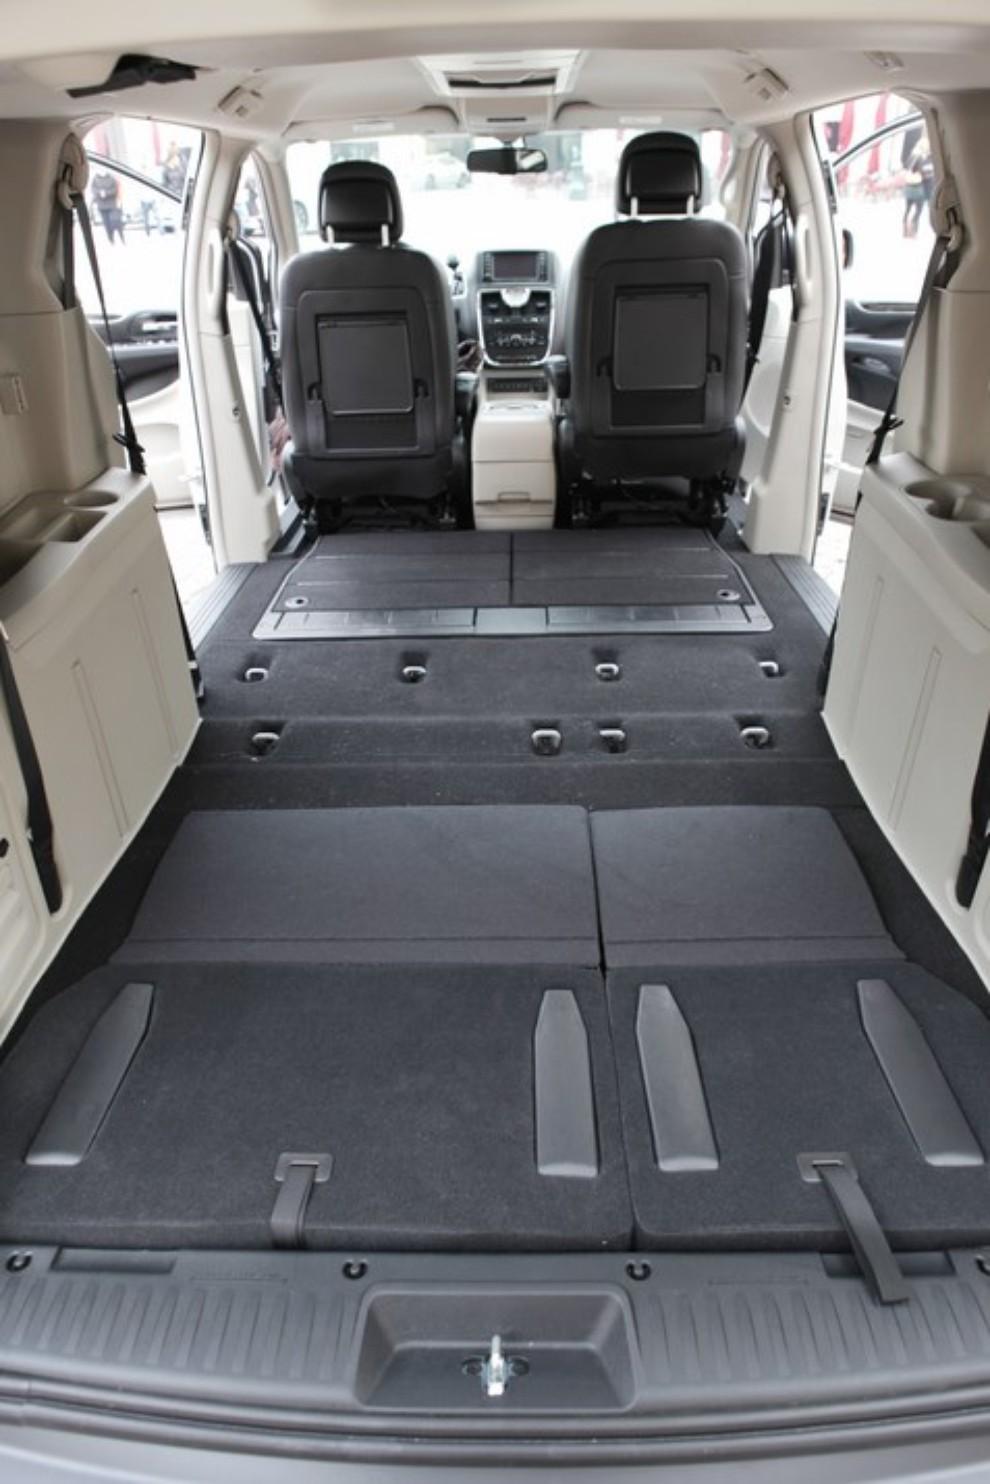 le 10 auto con il bagagliaio pi capiente divise per categoria infomotori. Black Bedroom Furniture Sets. Home Design Ideas